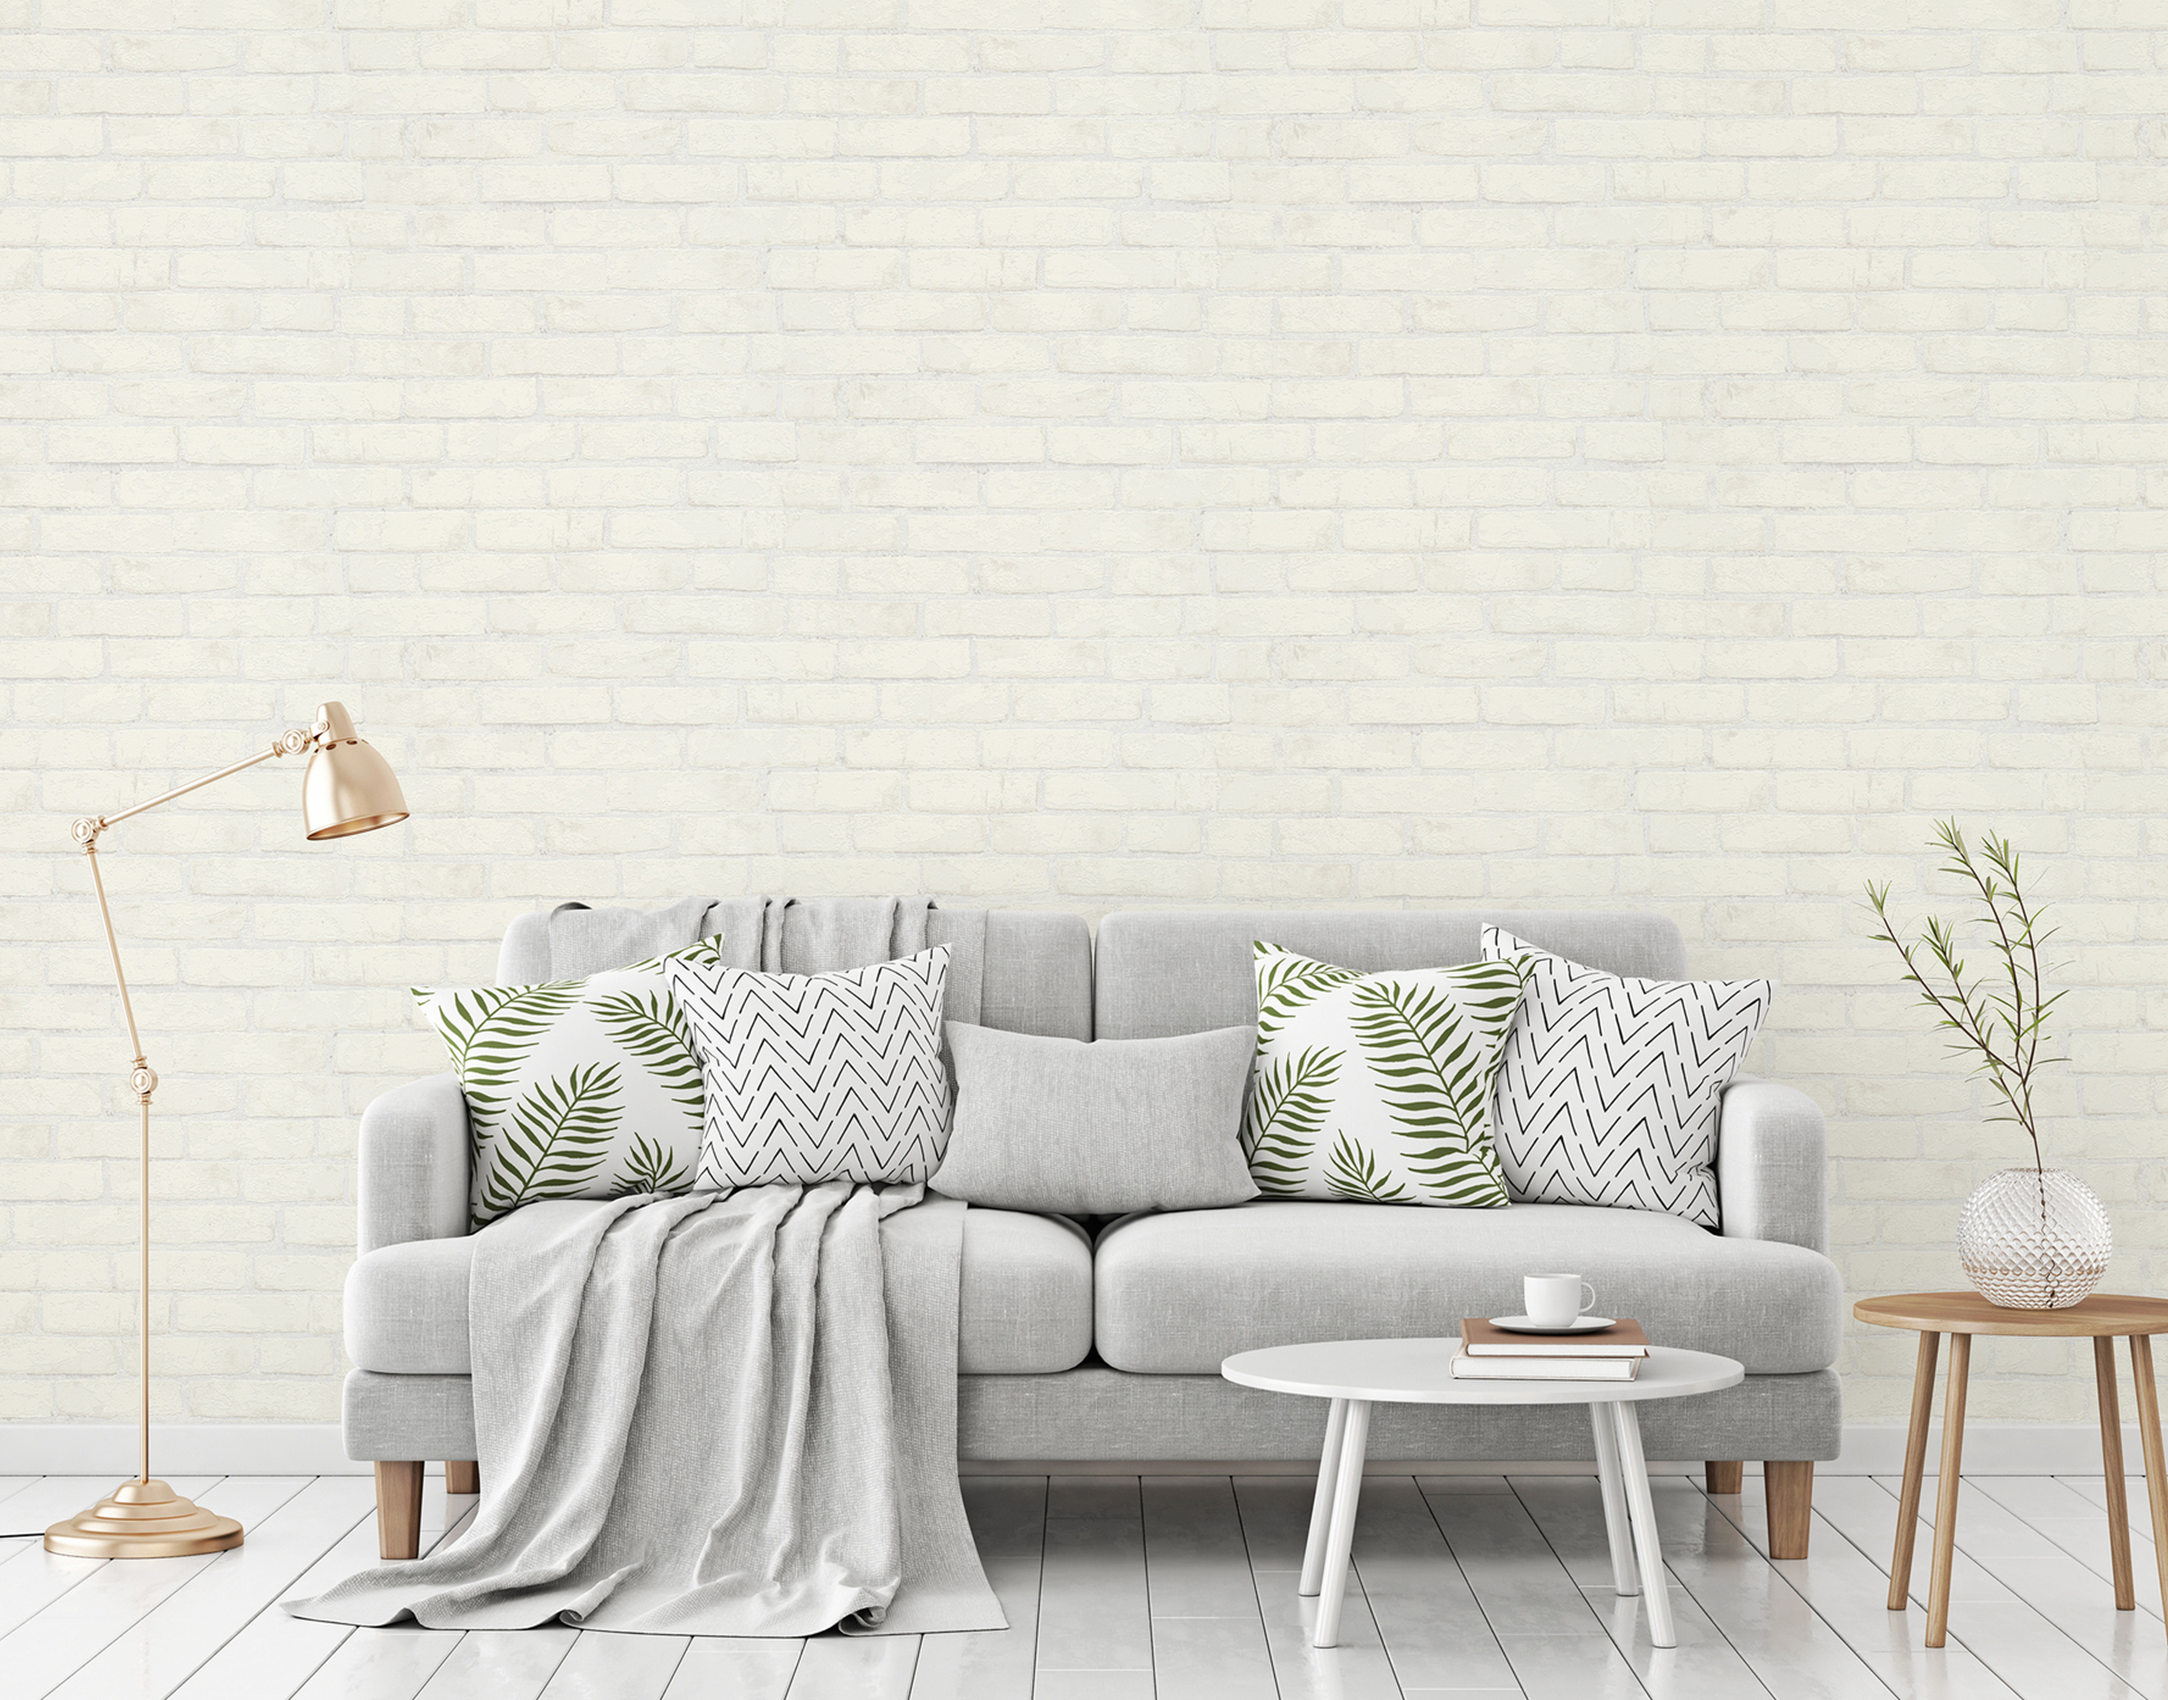 Helles Wohnzimmer mit Steinoptik Tapete  mit weißen Ziegeln, Artikel AS907851